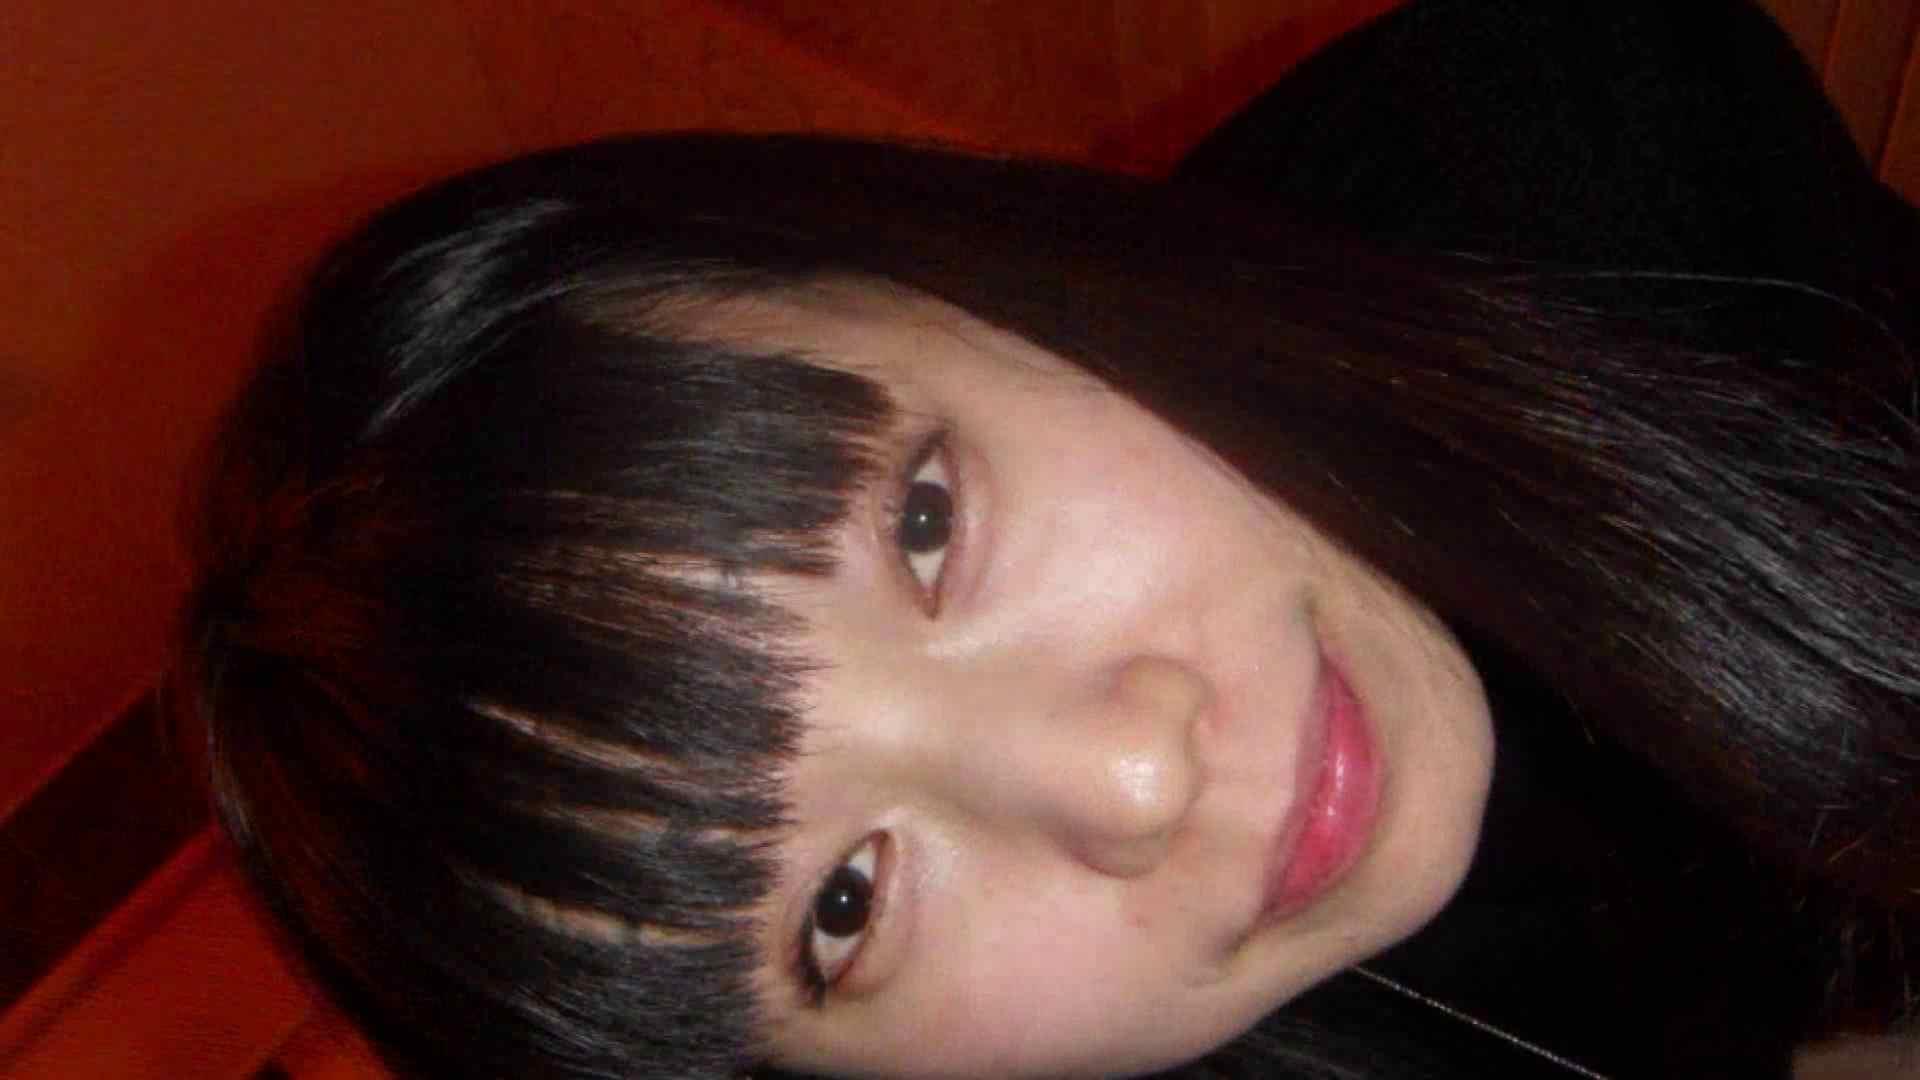 キレイに撮れるんです!No12!韓国流出編Vol.15 SEX映像 AV動画キャプチャ 95pic 54